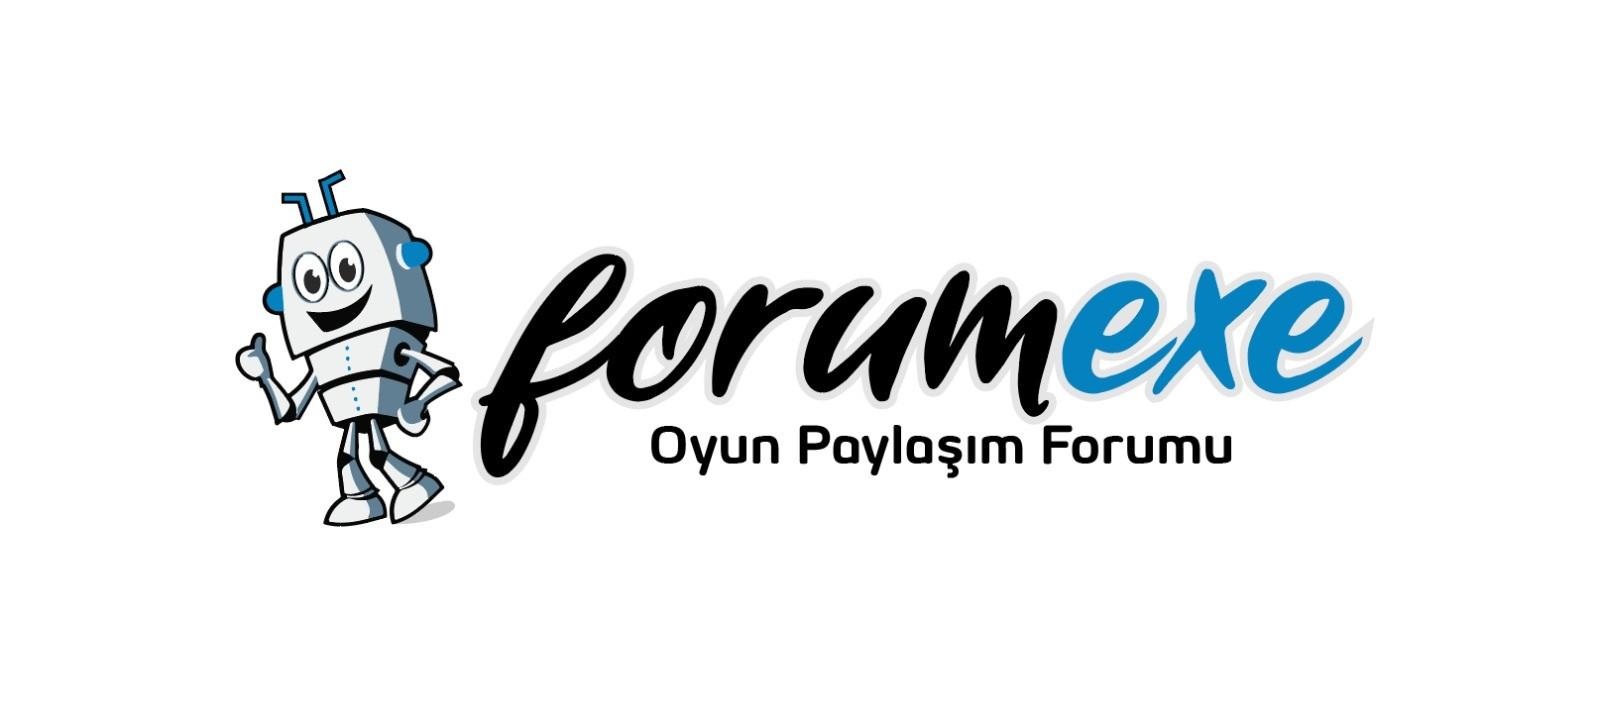 Forumexe - Oyun Forumu